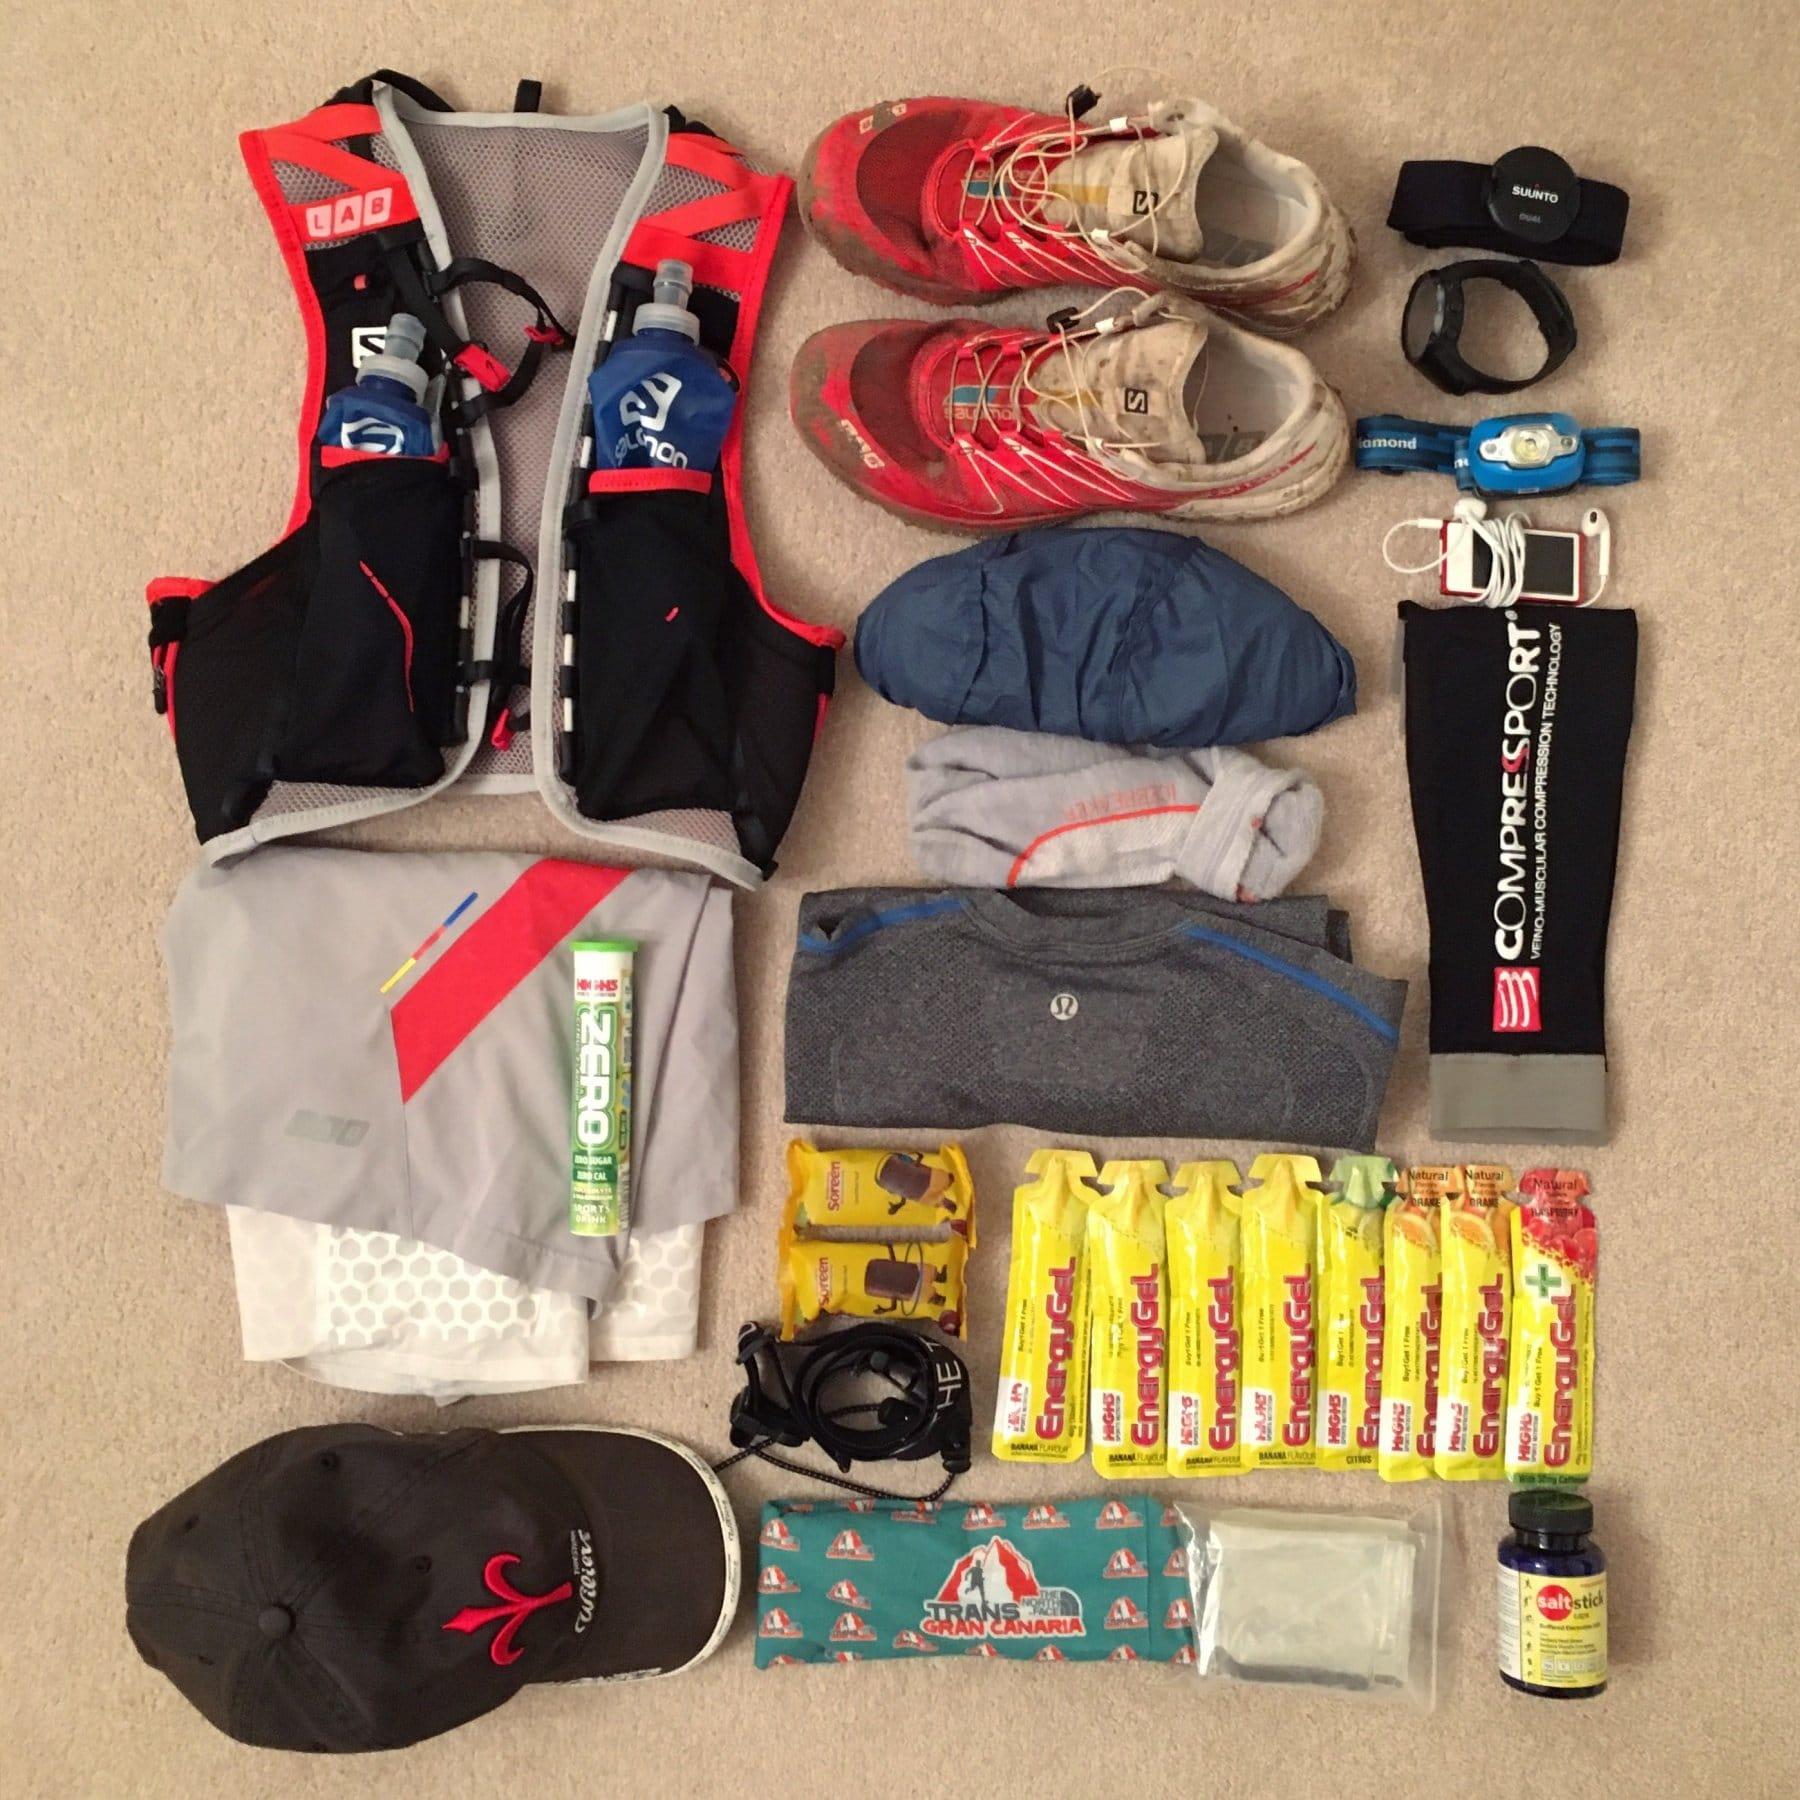 CTS Gower Trail Marathon - Running In Crazy Bad Weather